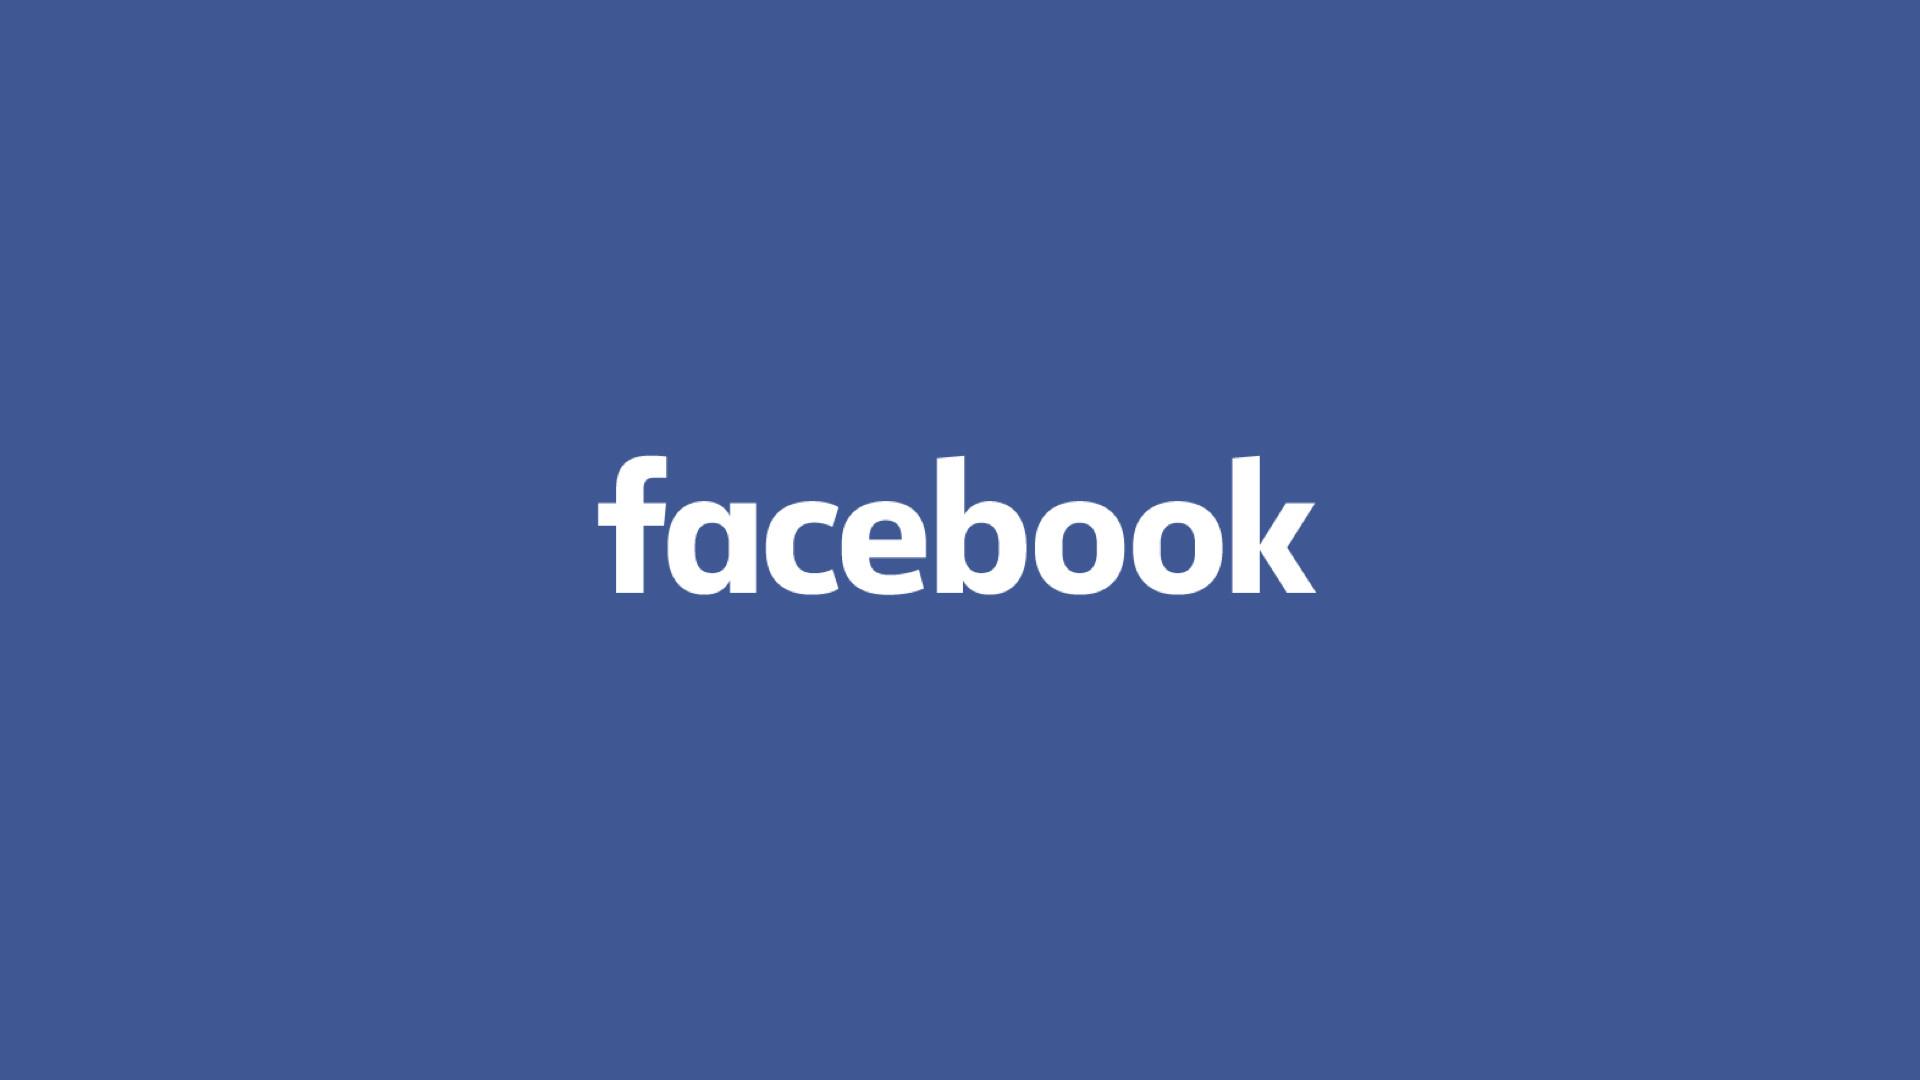 När Facebooks intäkter ökar stiger SOCL ETG